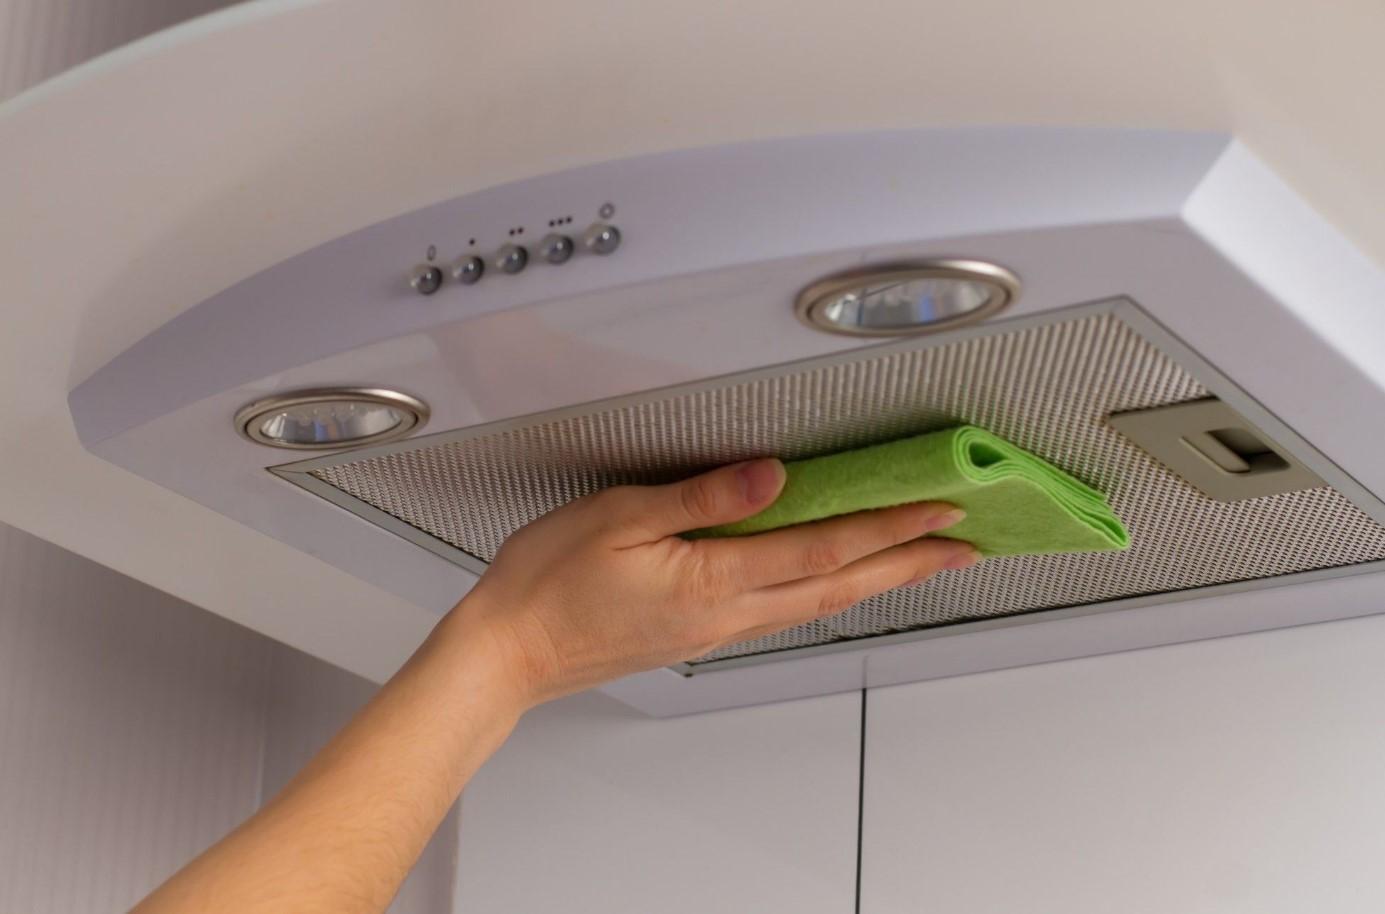 Как очистить вытяжку на кухне от жира: чем мыть фильтр в домашних условиях?